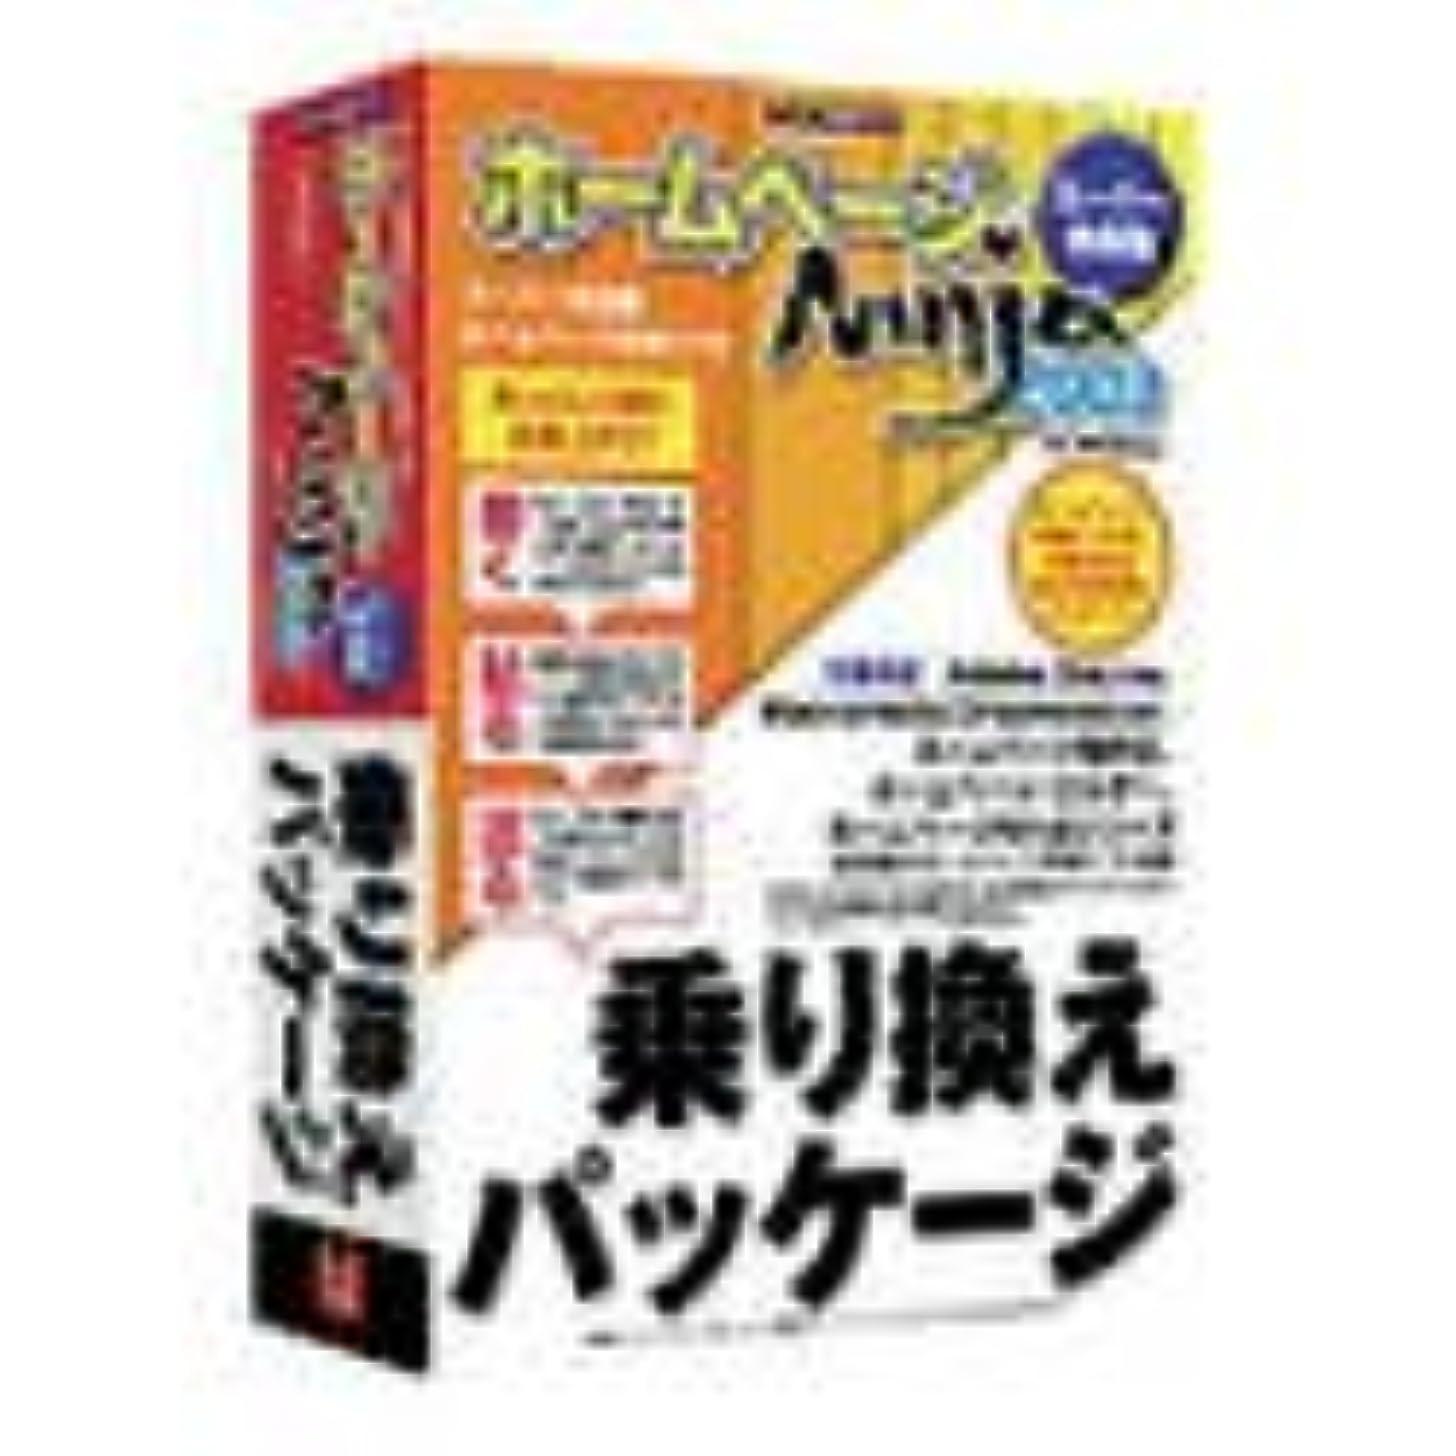 論文はっきりしない砦ホームページ Ninja 2003 for Windows 乗り換えパッケージ